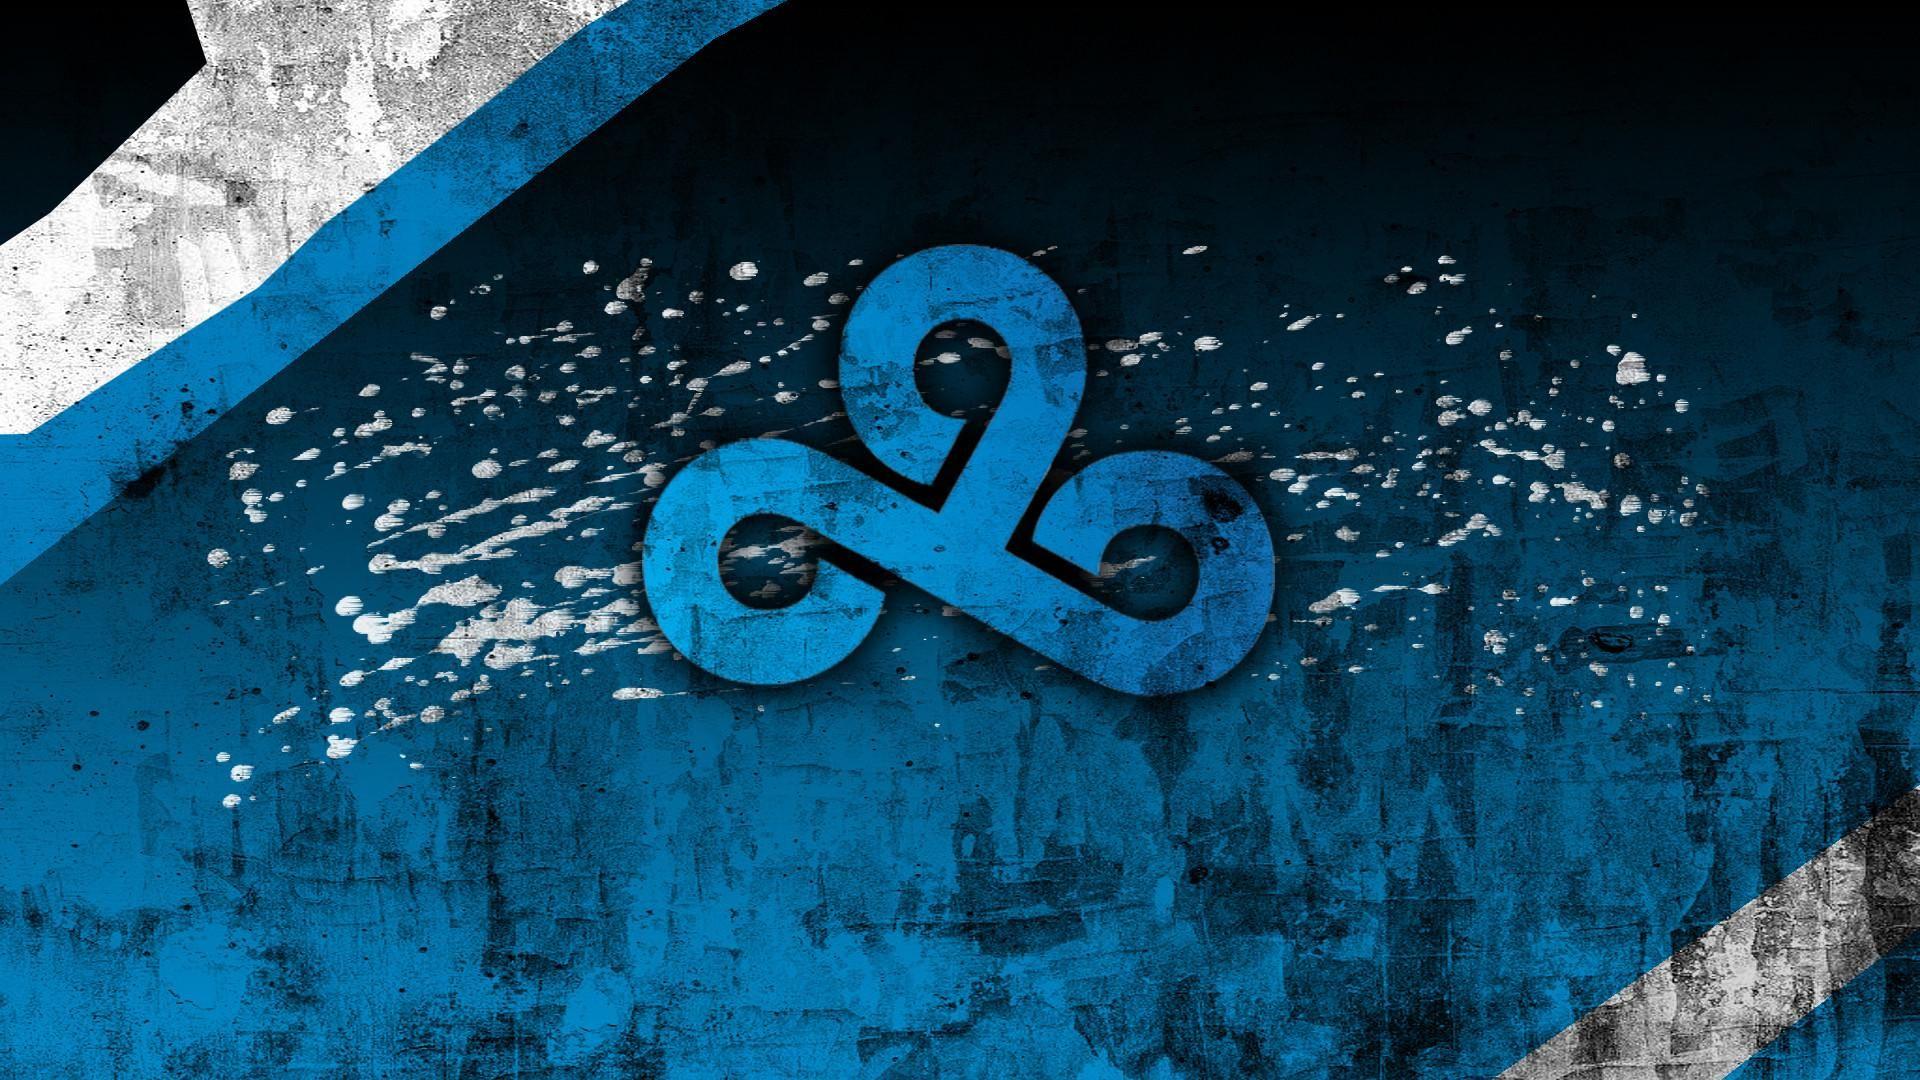 CS:GO Cloud 9 Wallpaper #csgo #csgowallpapers